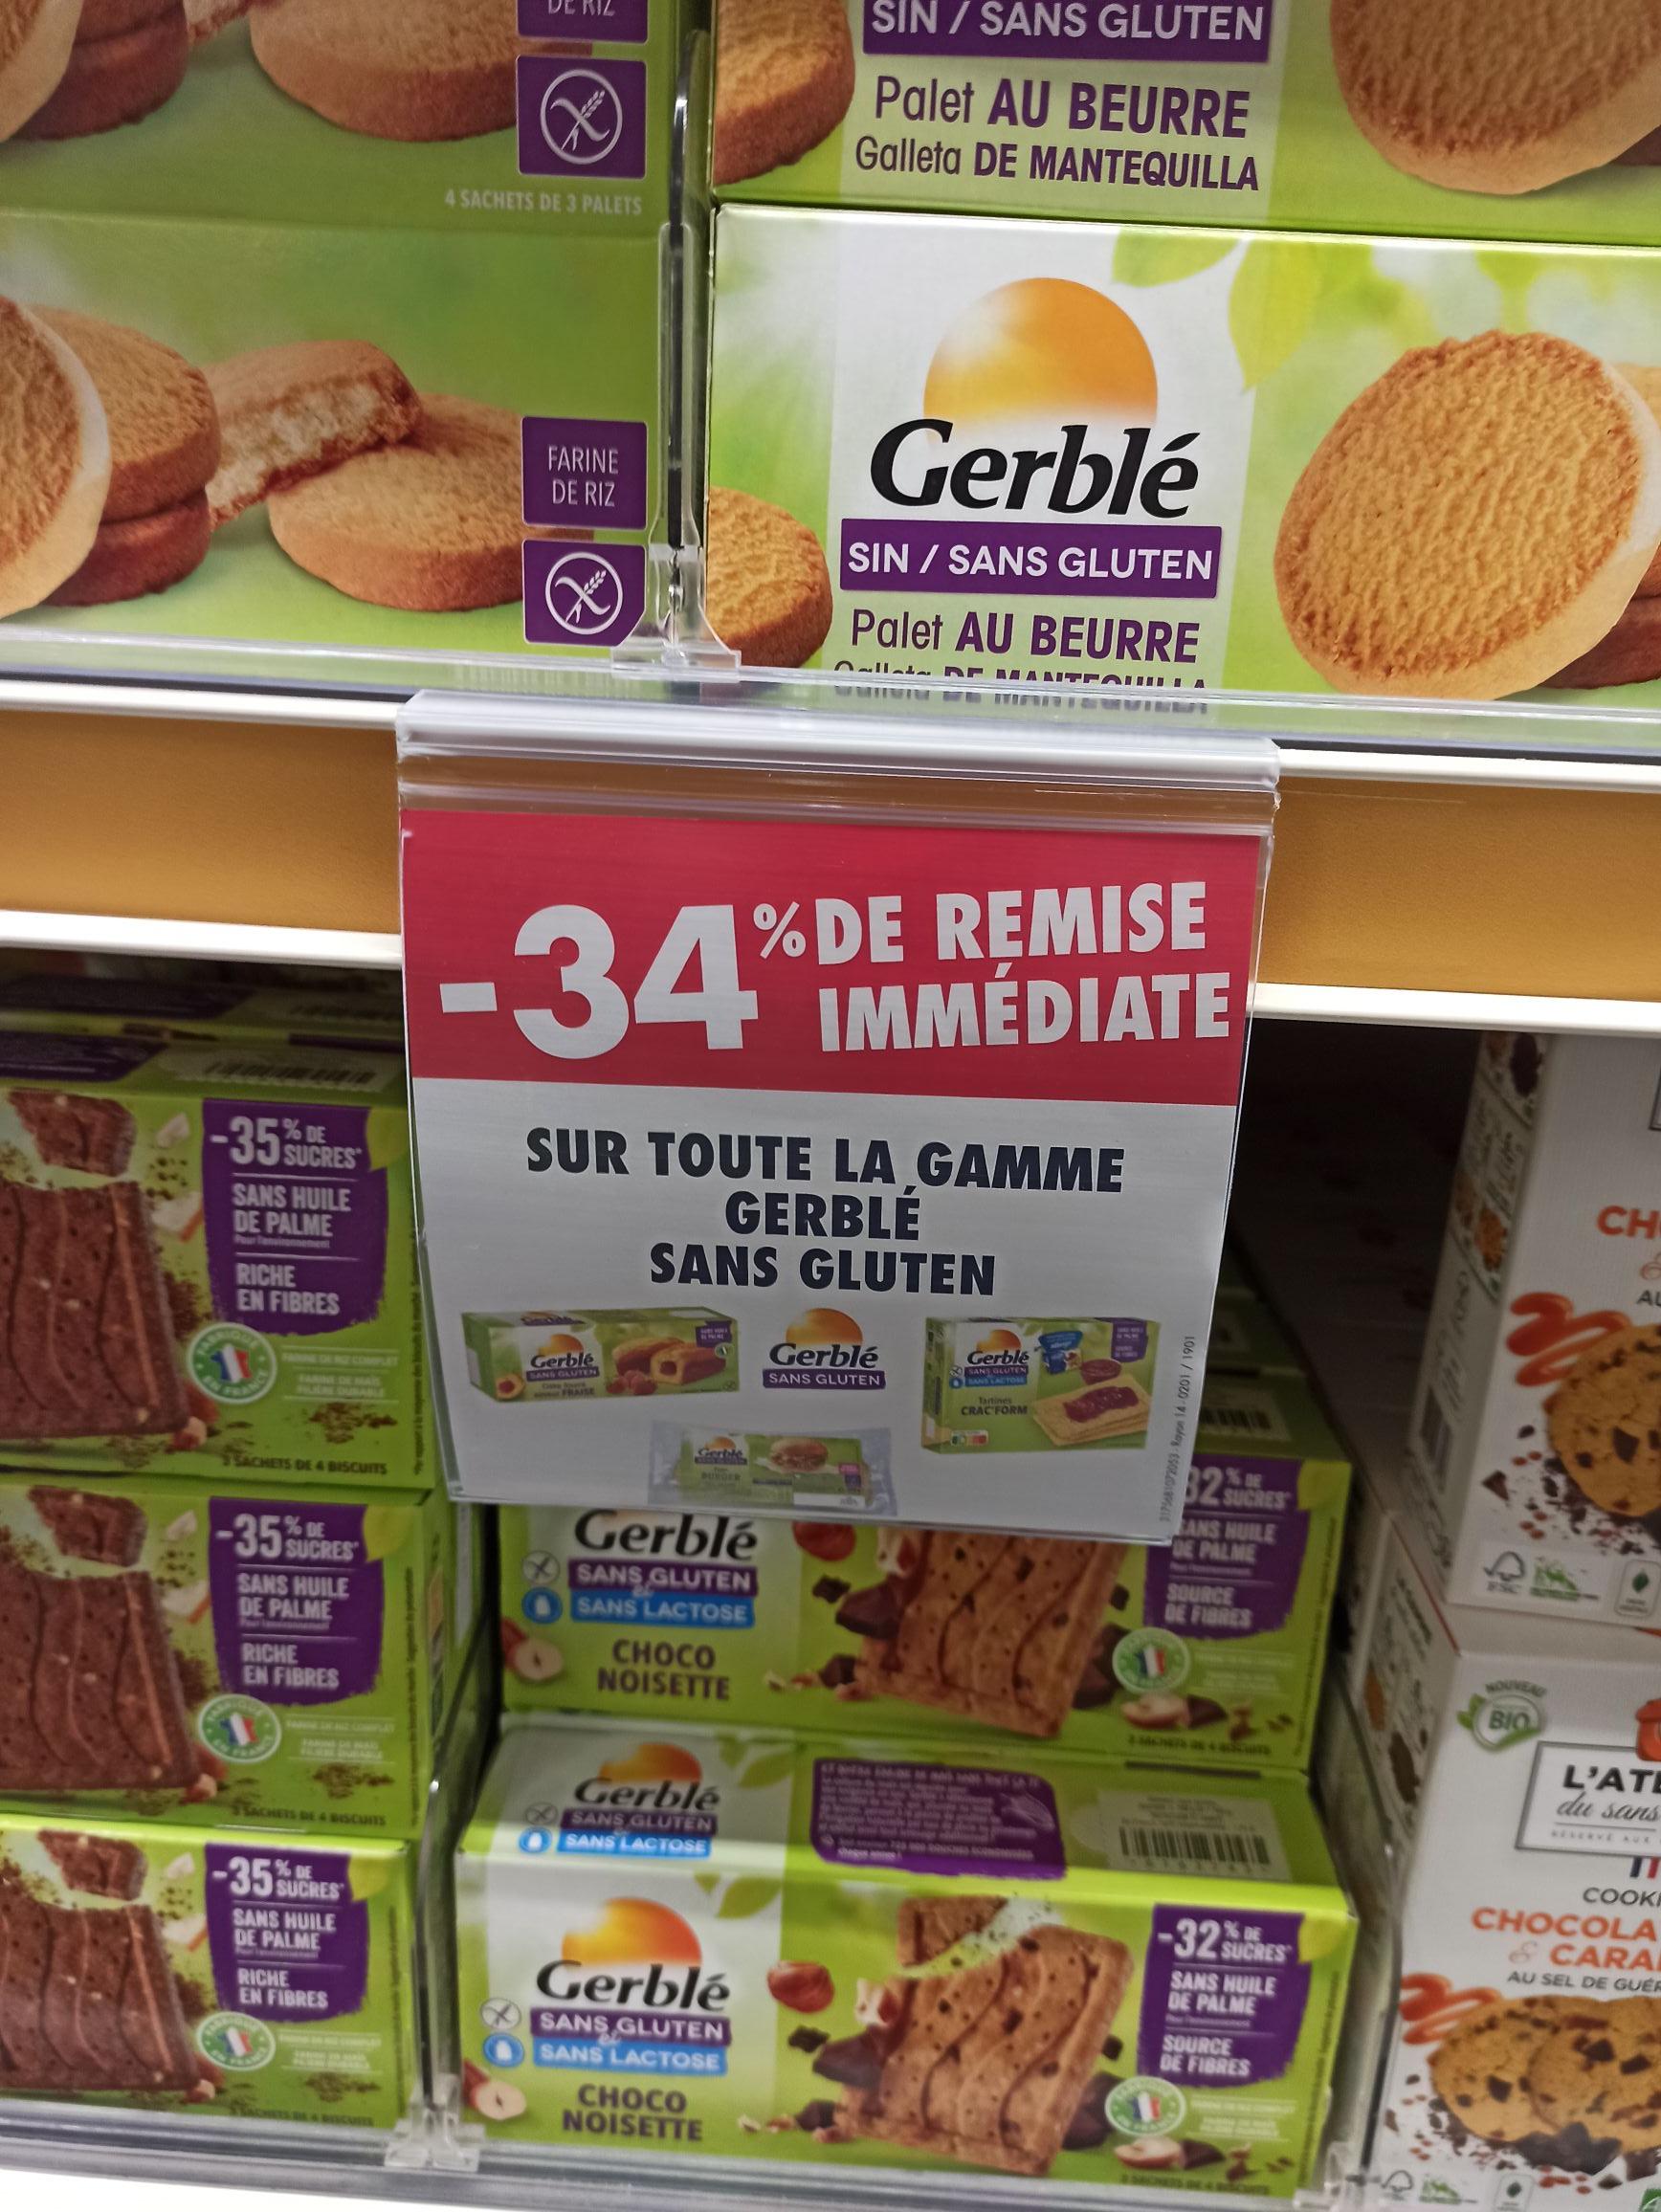 34% de réduction sur les produits sans gluten Gerblé - Belleepine (94)